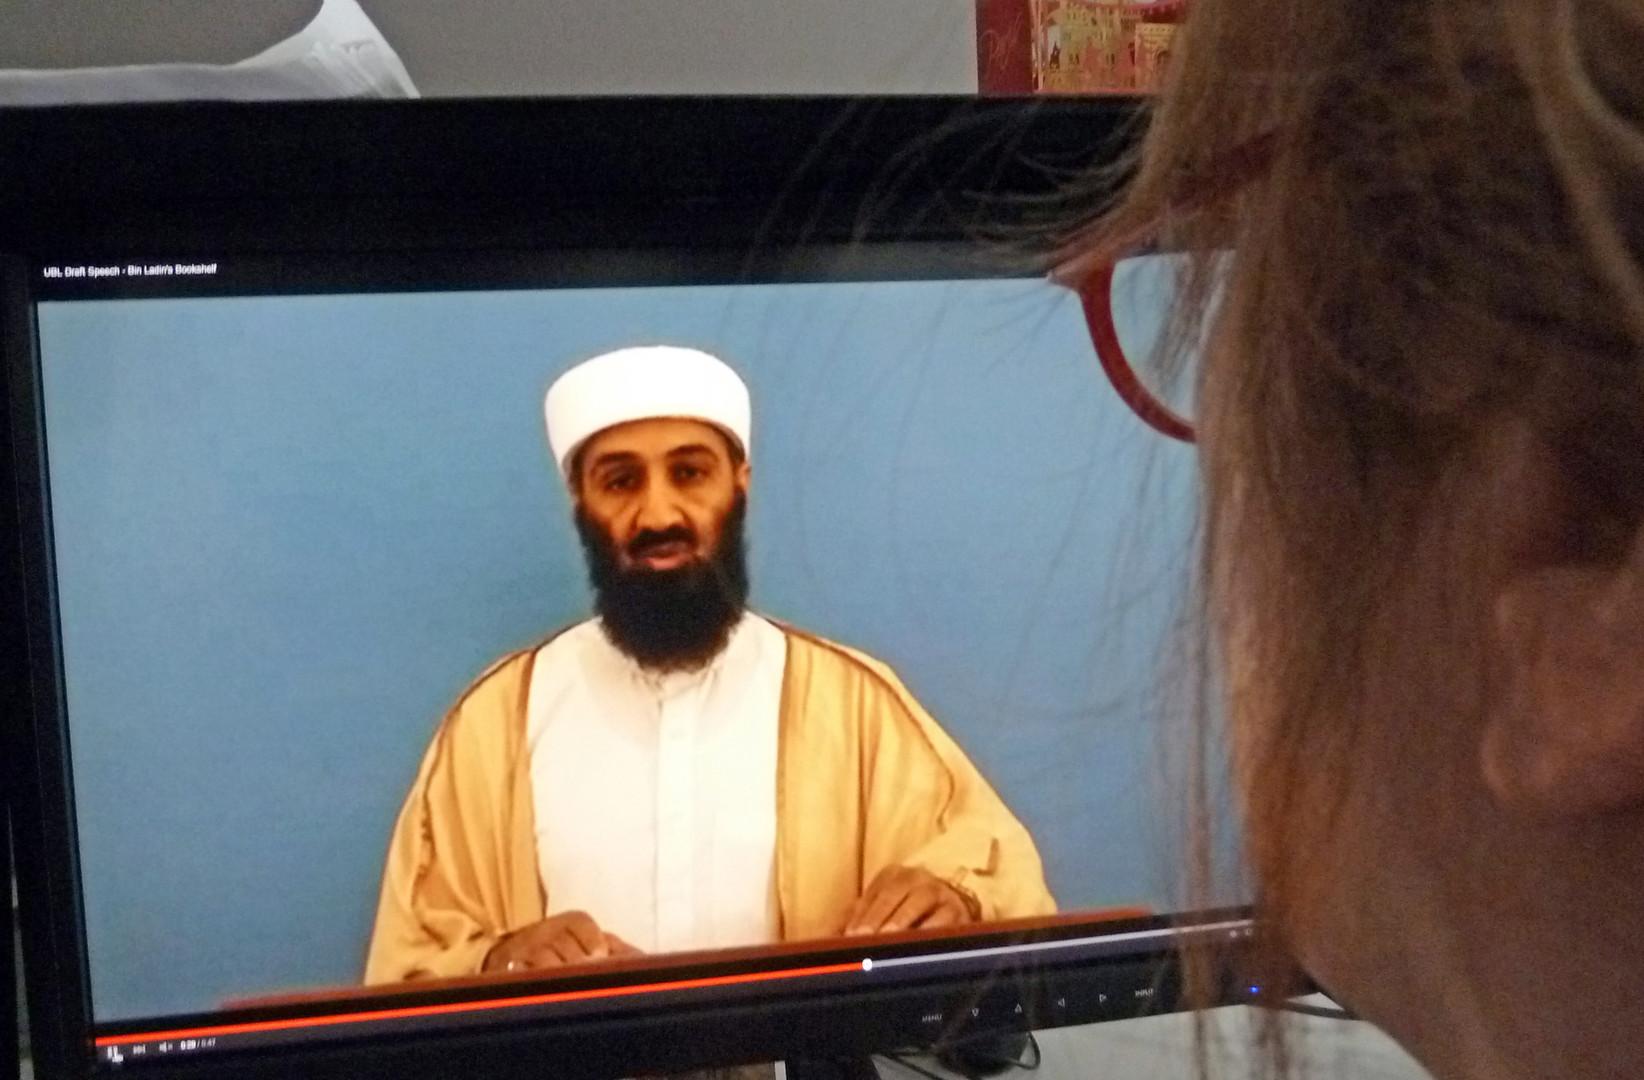 أسامة بن لادن في حقبة أوكسفورد!